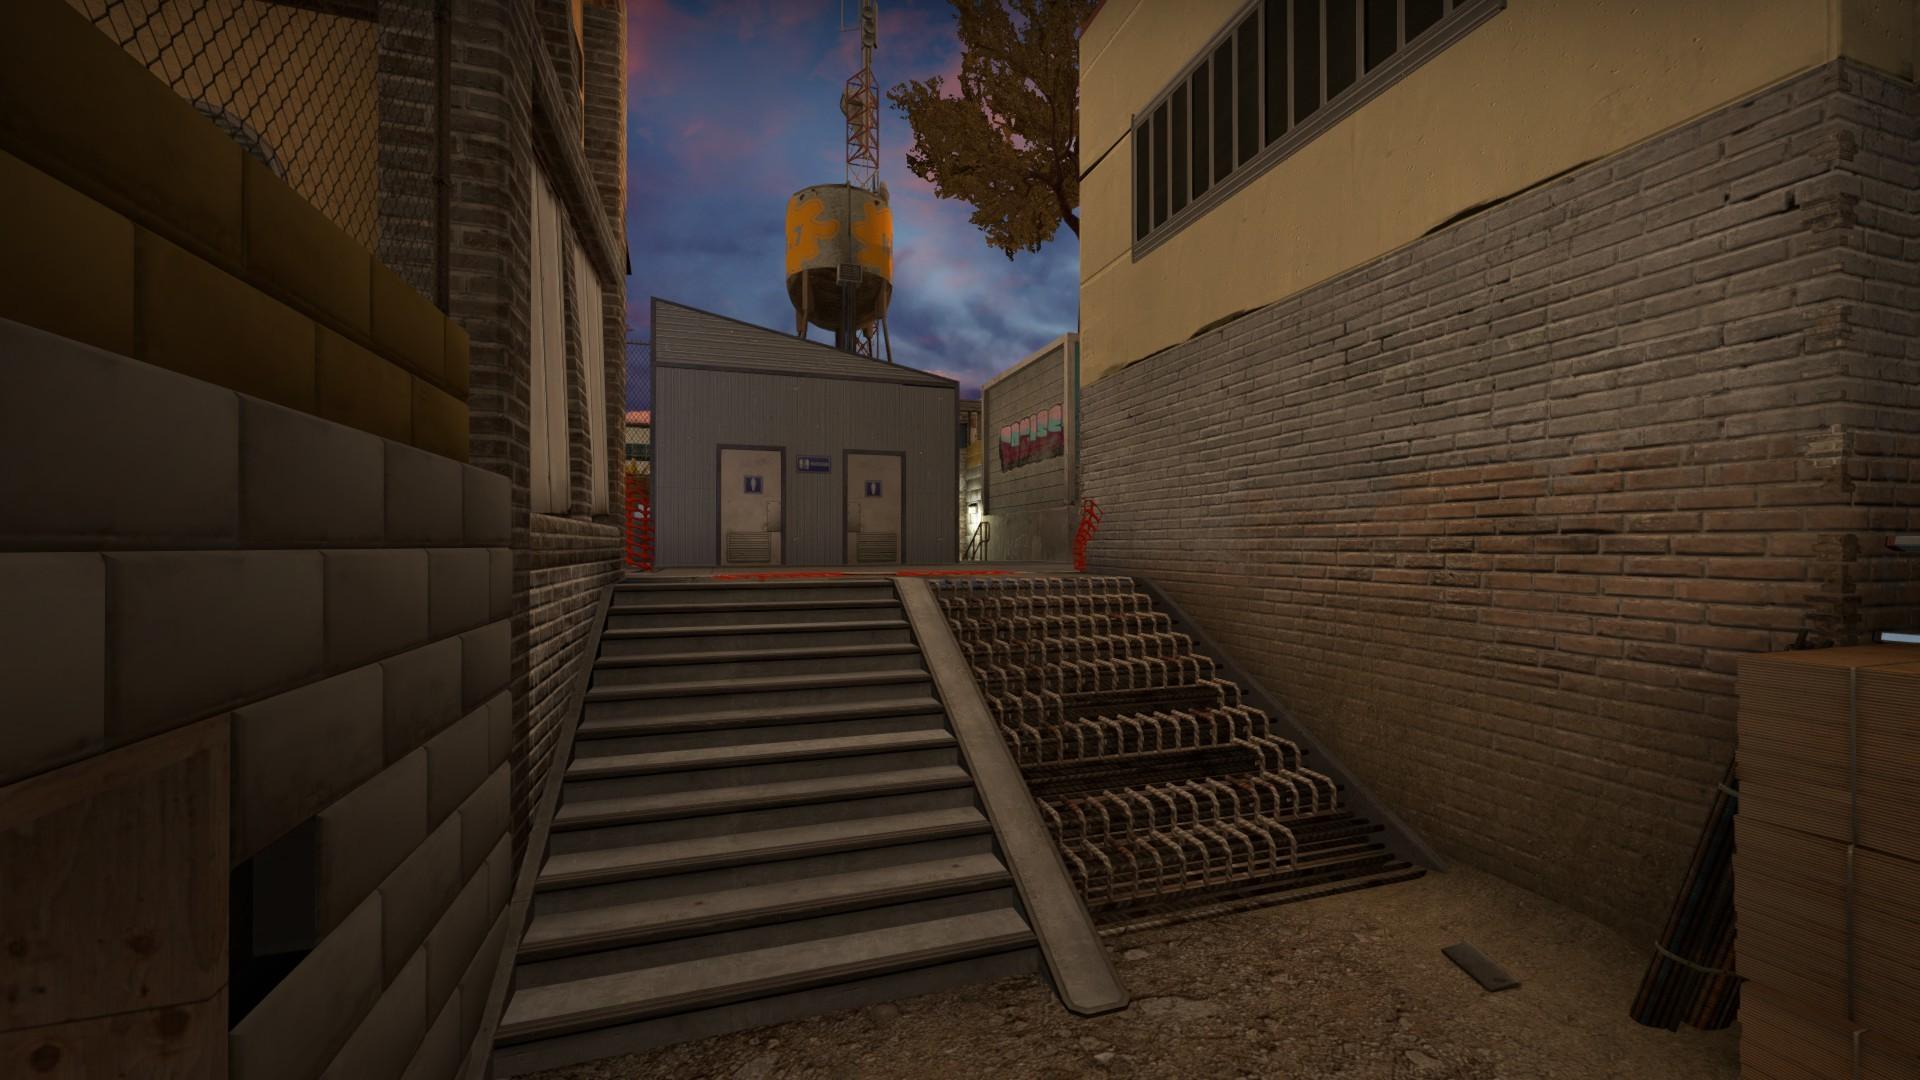 stair_after.jpg.3835efe33a5c056e86c02a9312aa53d1.jpg